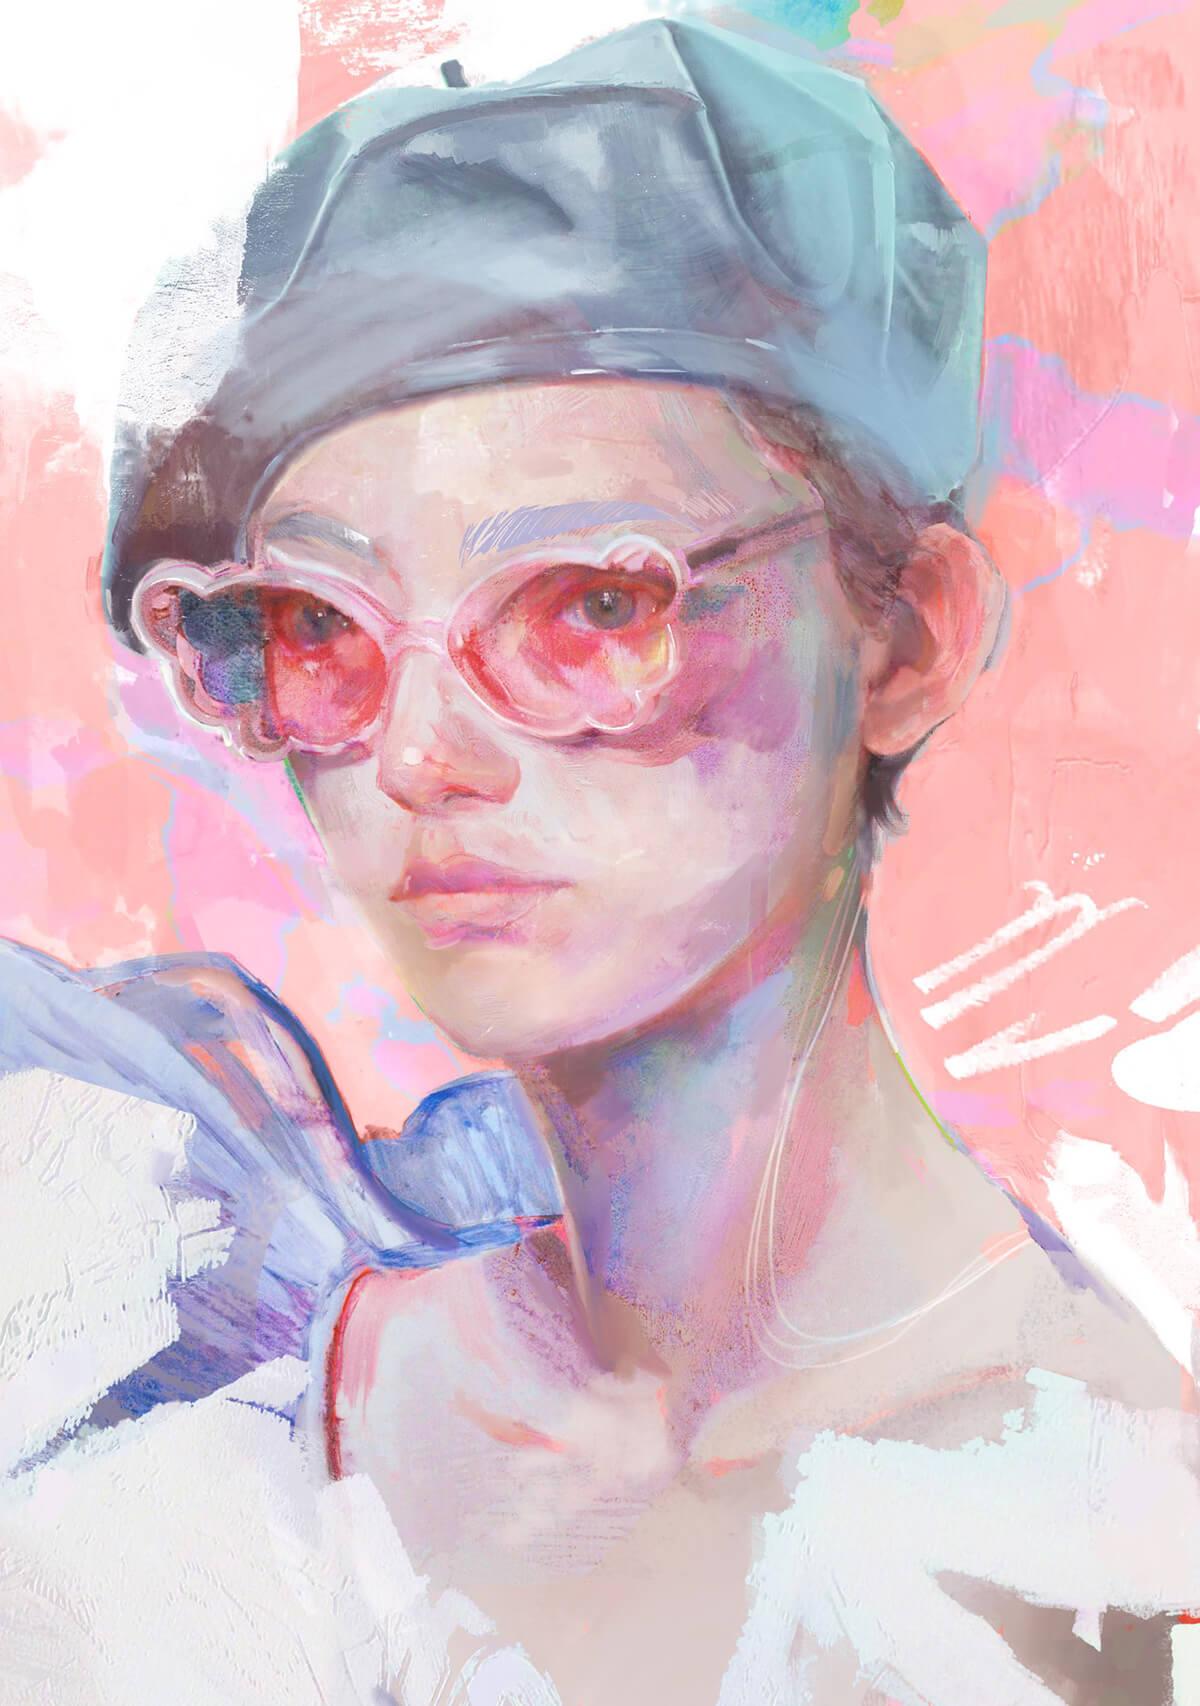 портрет девушки в очках и берете